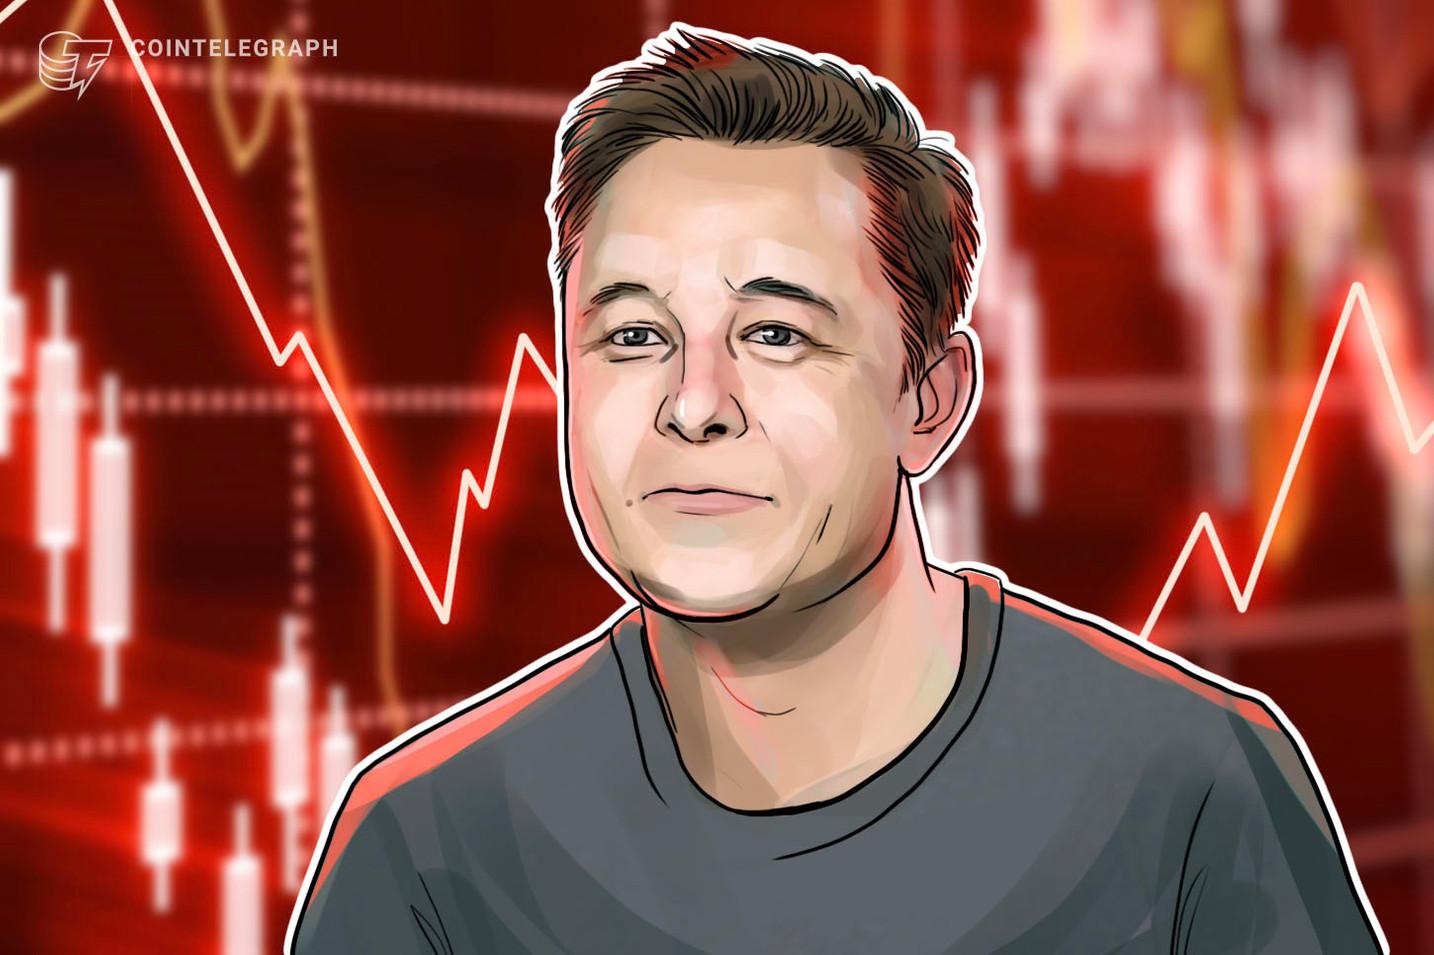 テスラ株とビットコインの急落、イーロン・マスクが「世界で最も裕福な人間」から陥落